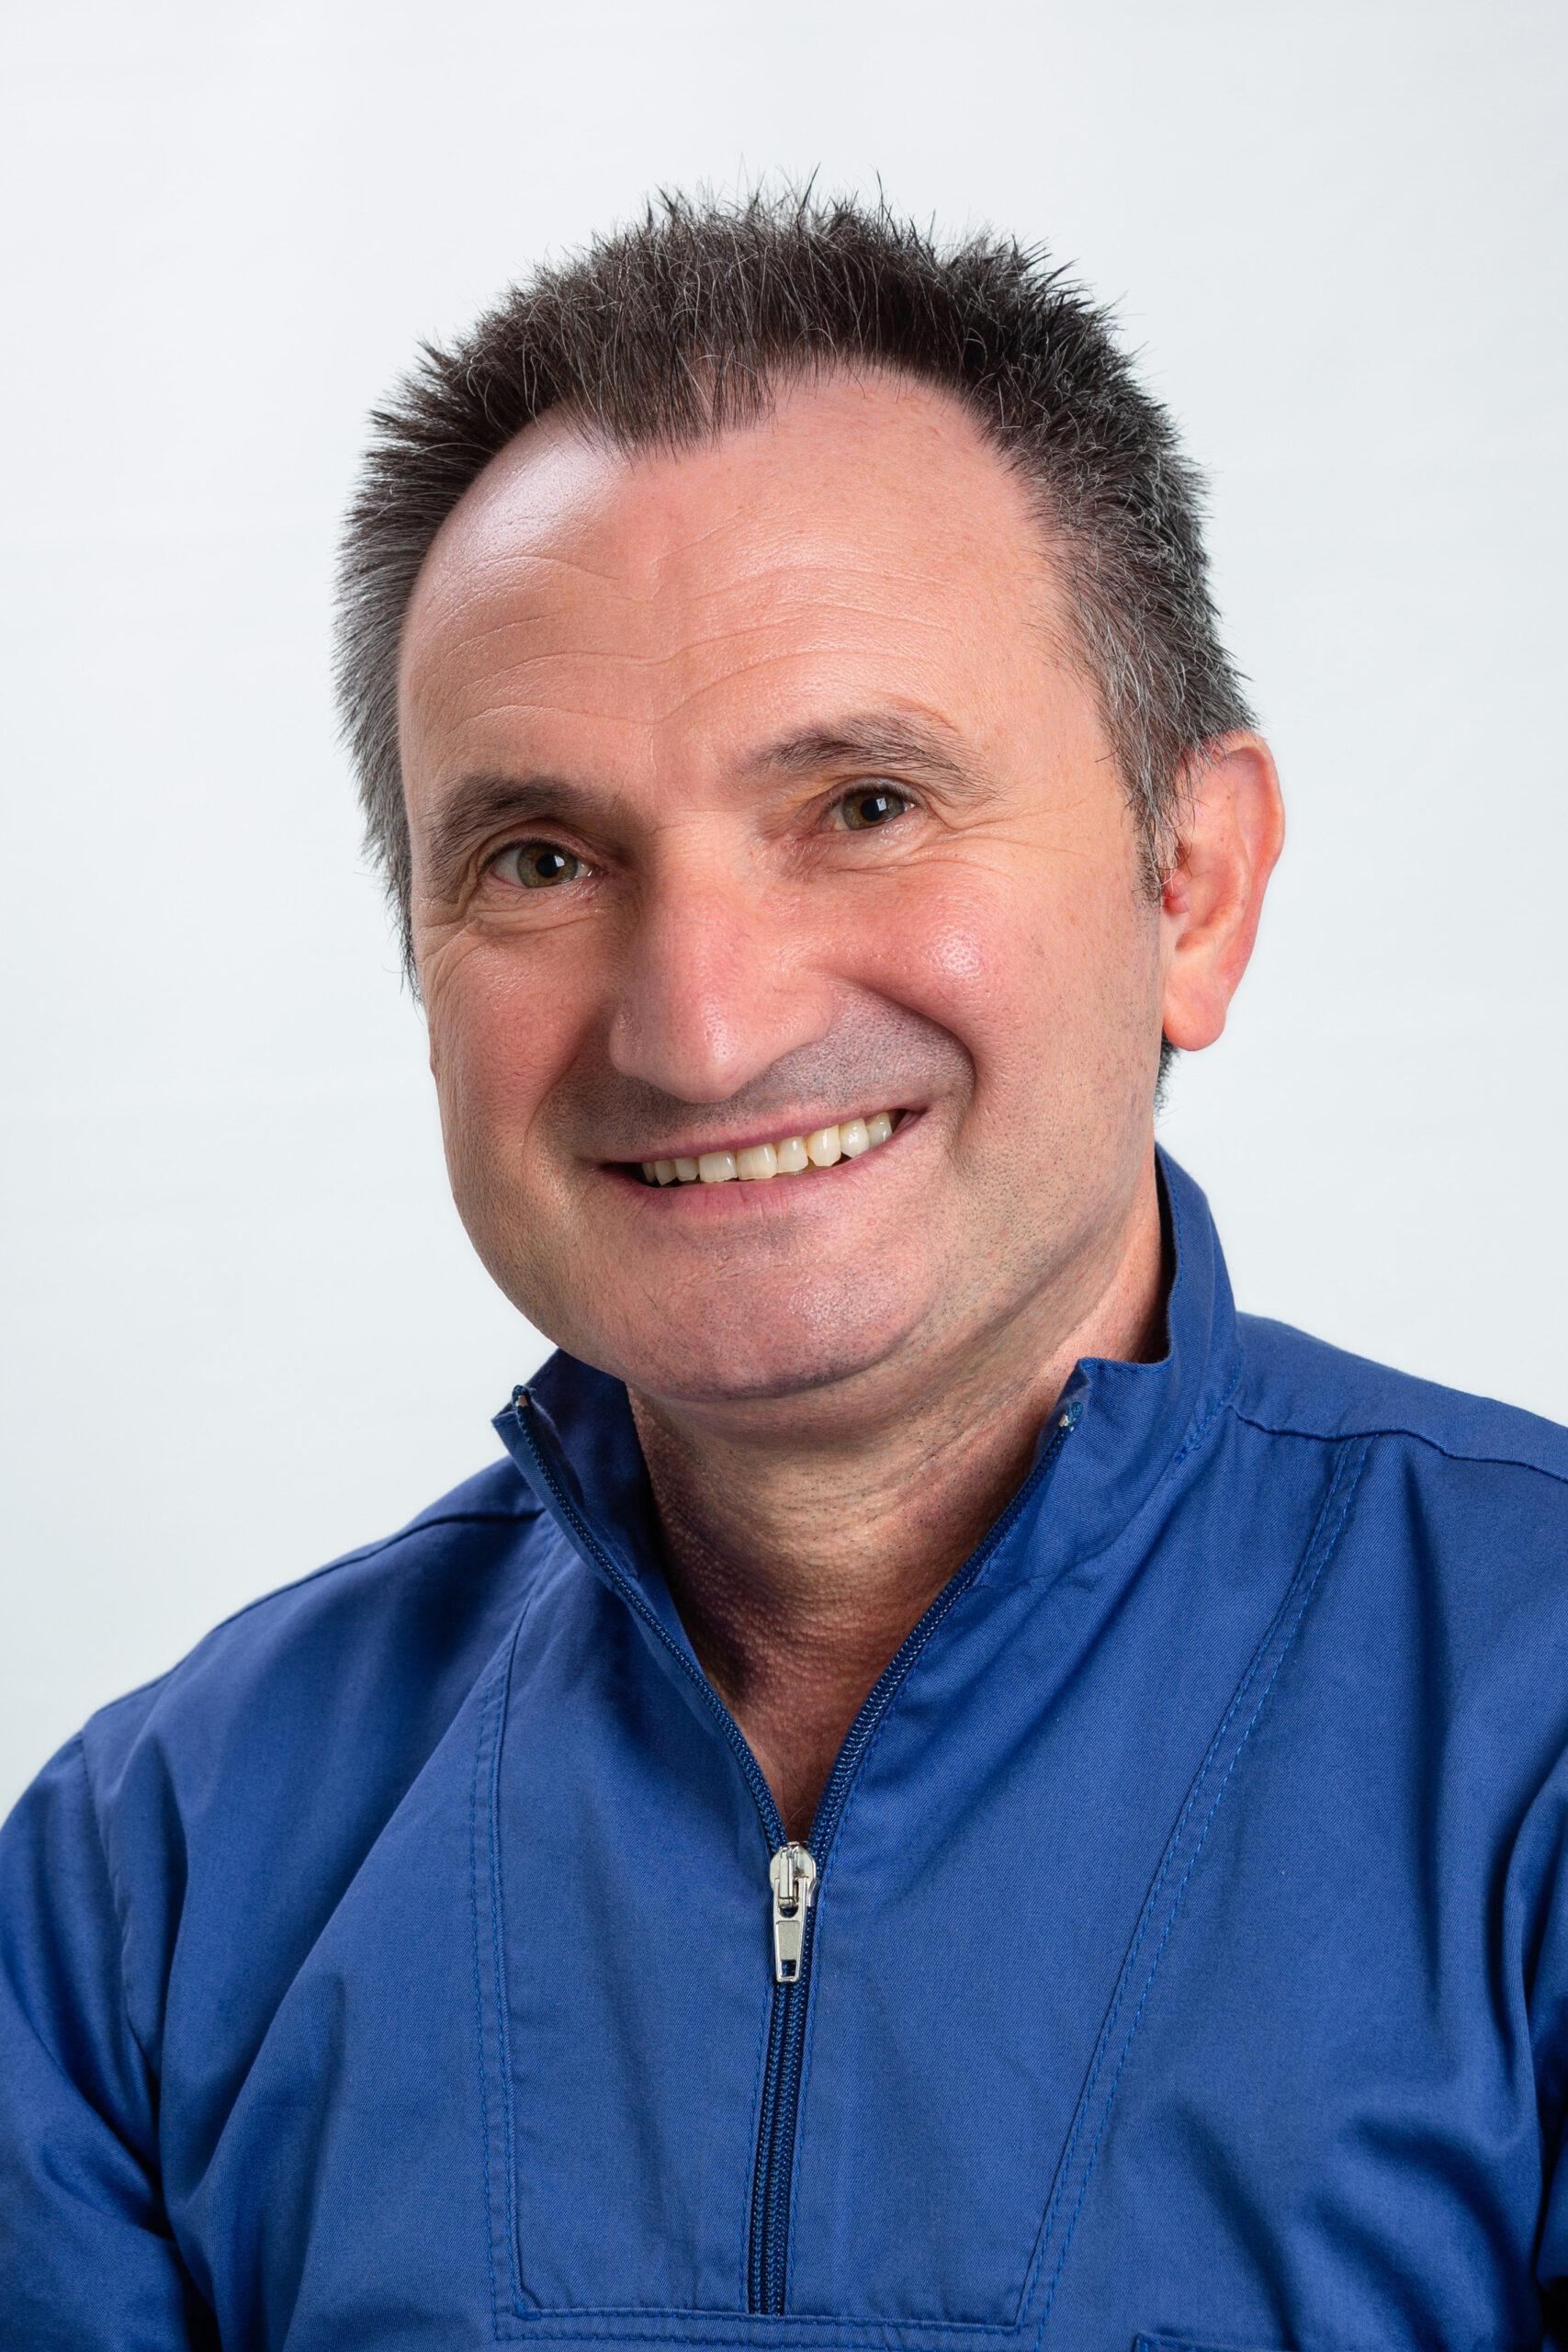 Paolo Carrara